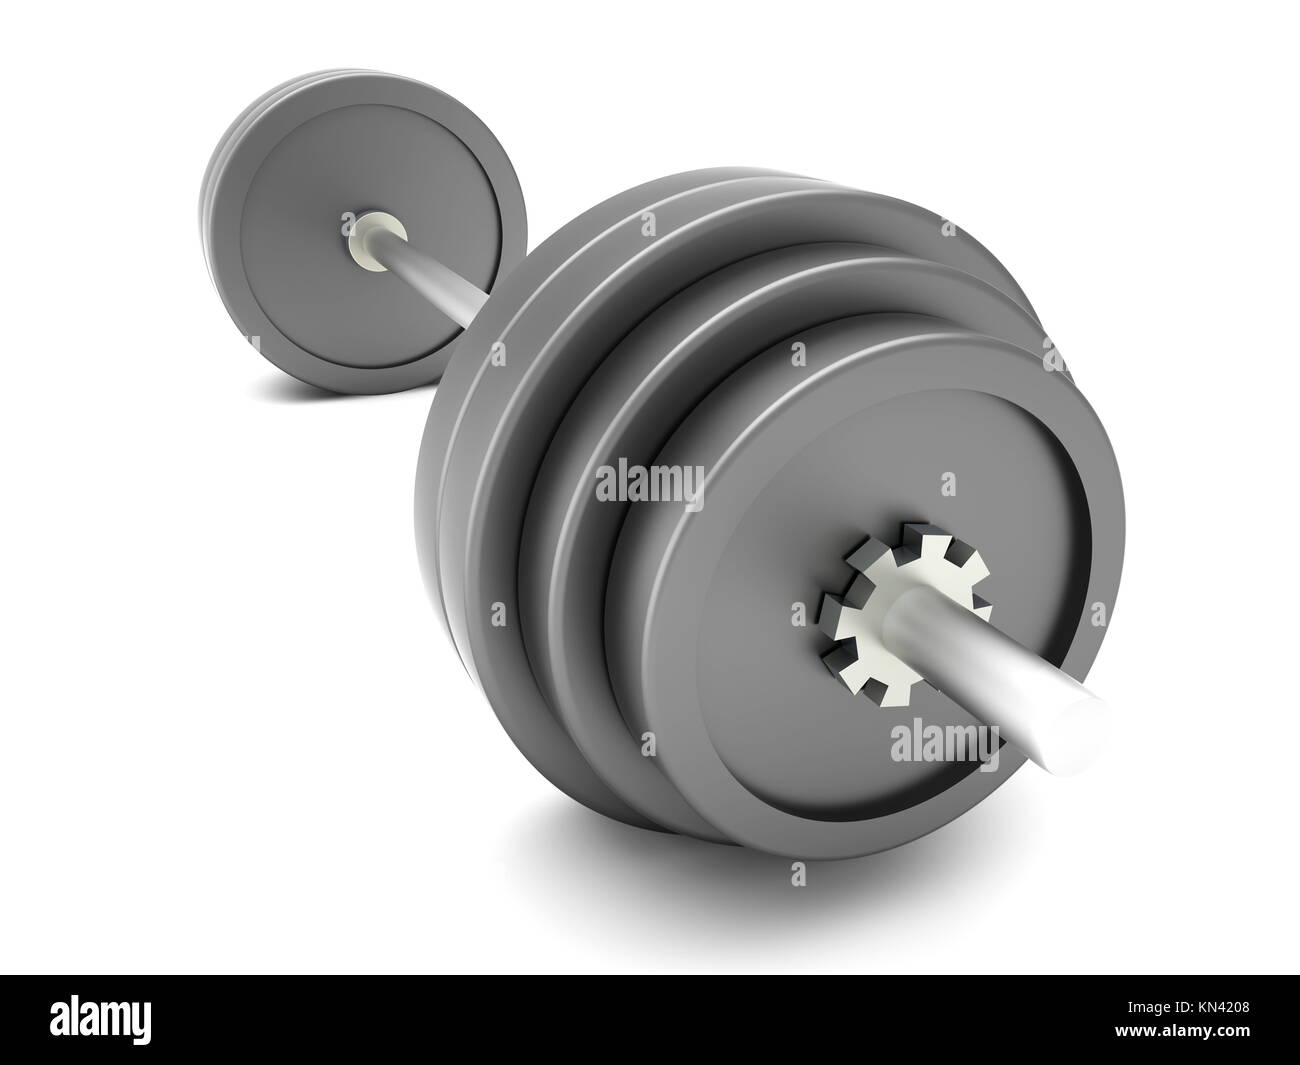 Pesas para deportes y body building. Ilustración 3D prestados. Aislado en blanco. Imagen De Stock